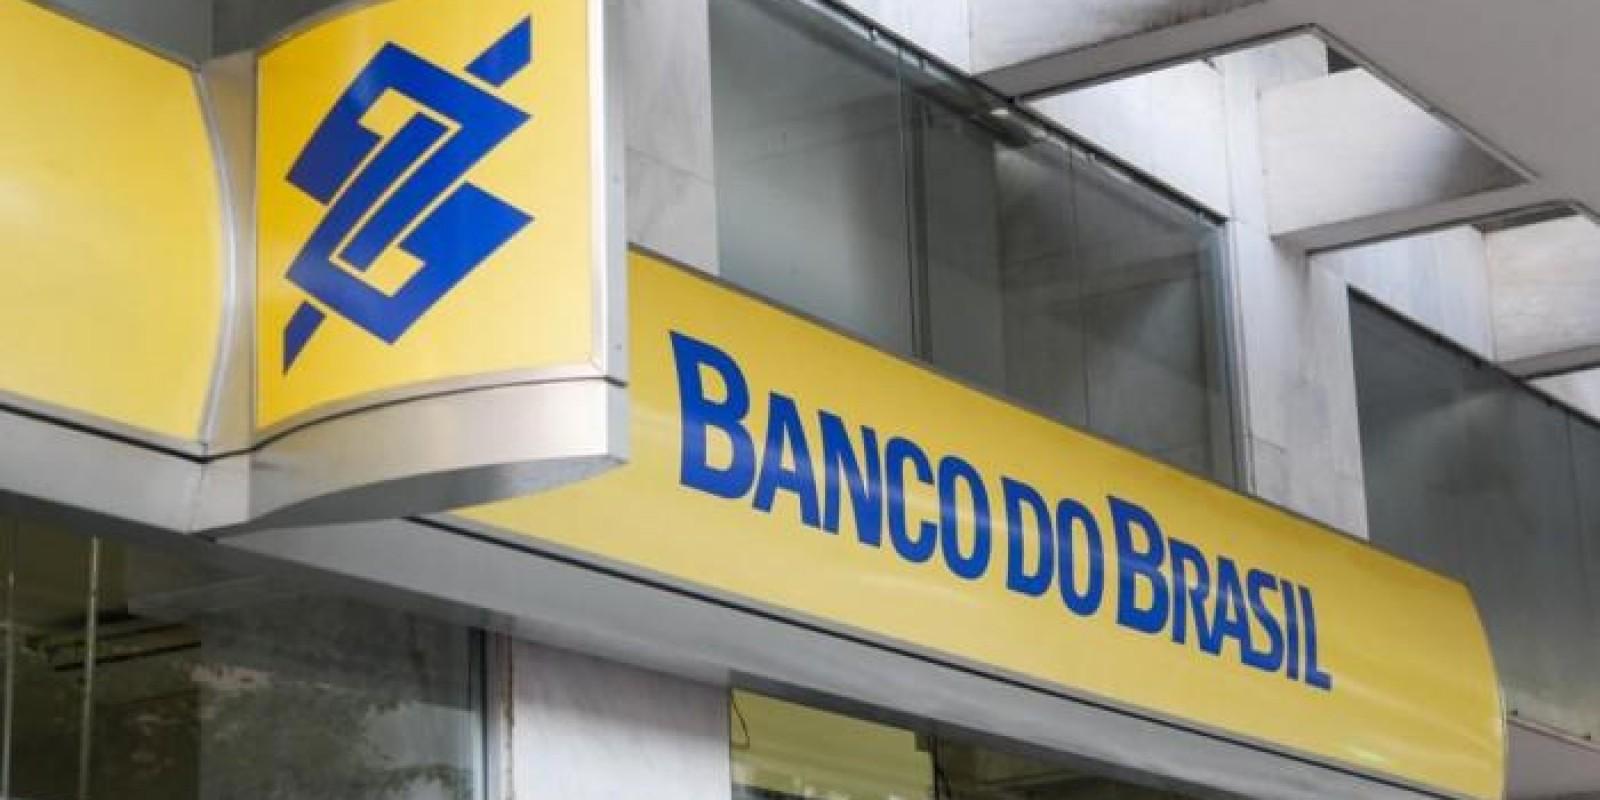 Contraf-CUT e Banco do Brasil se reúnem quinta-feira (14) para debater mudanças na PSO